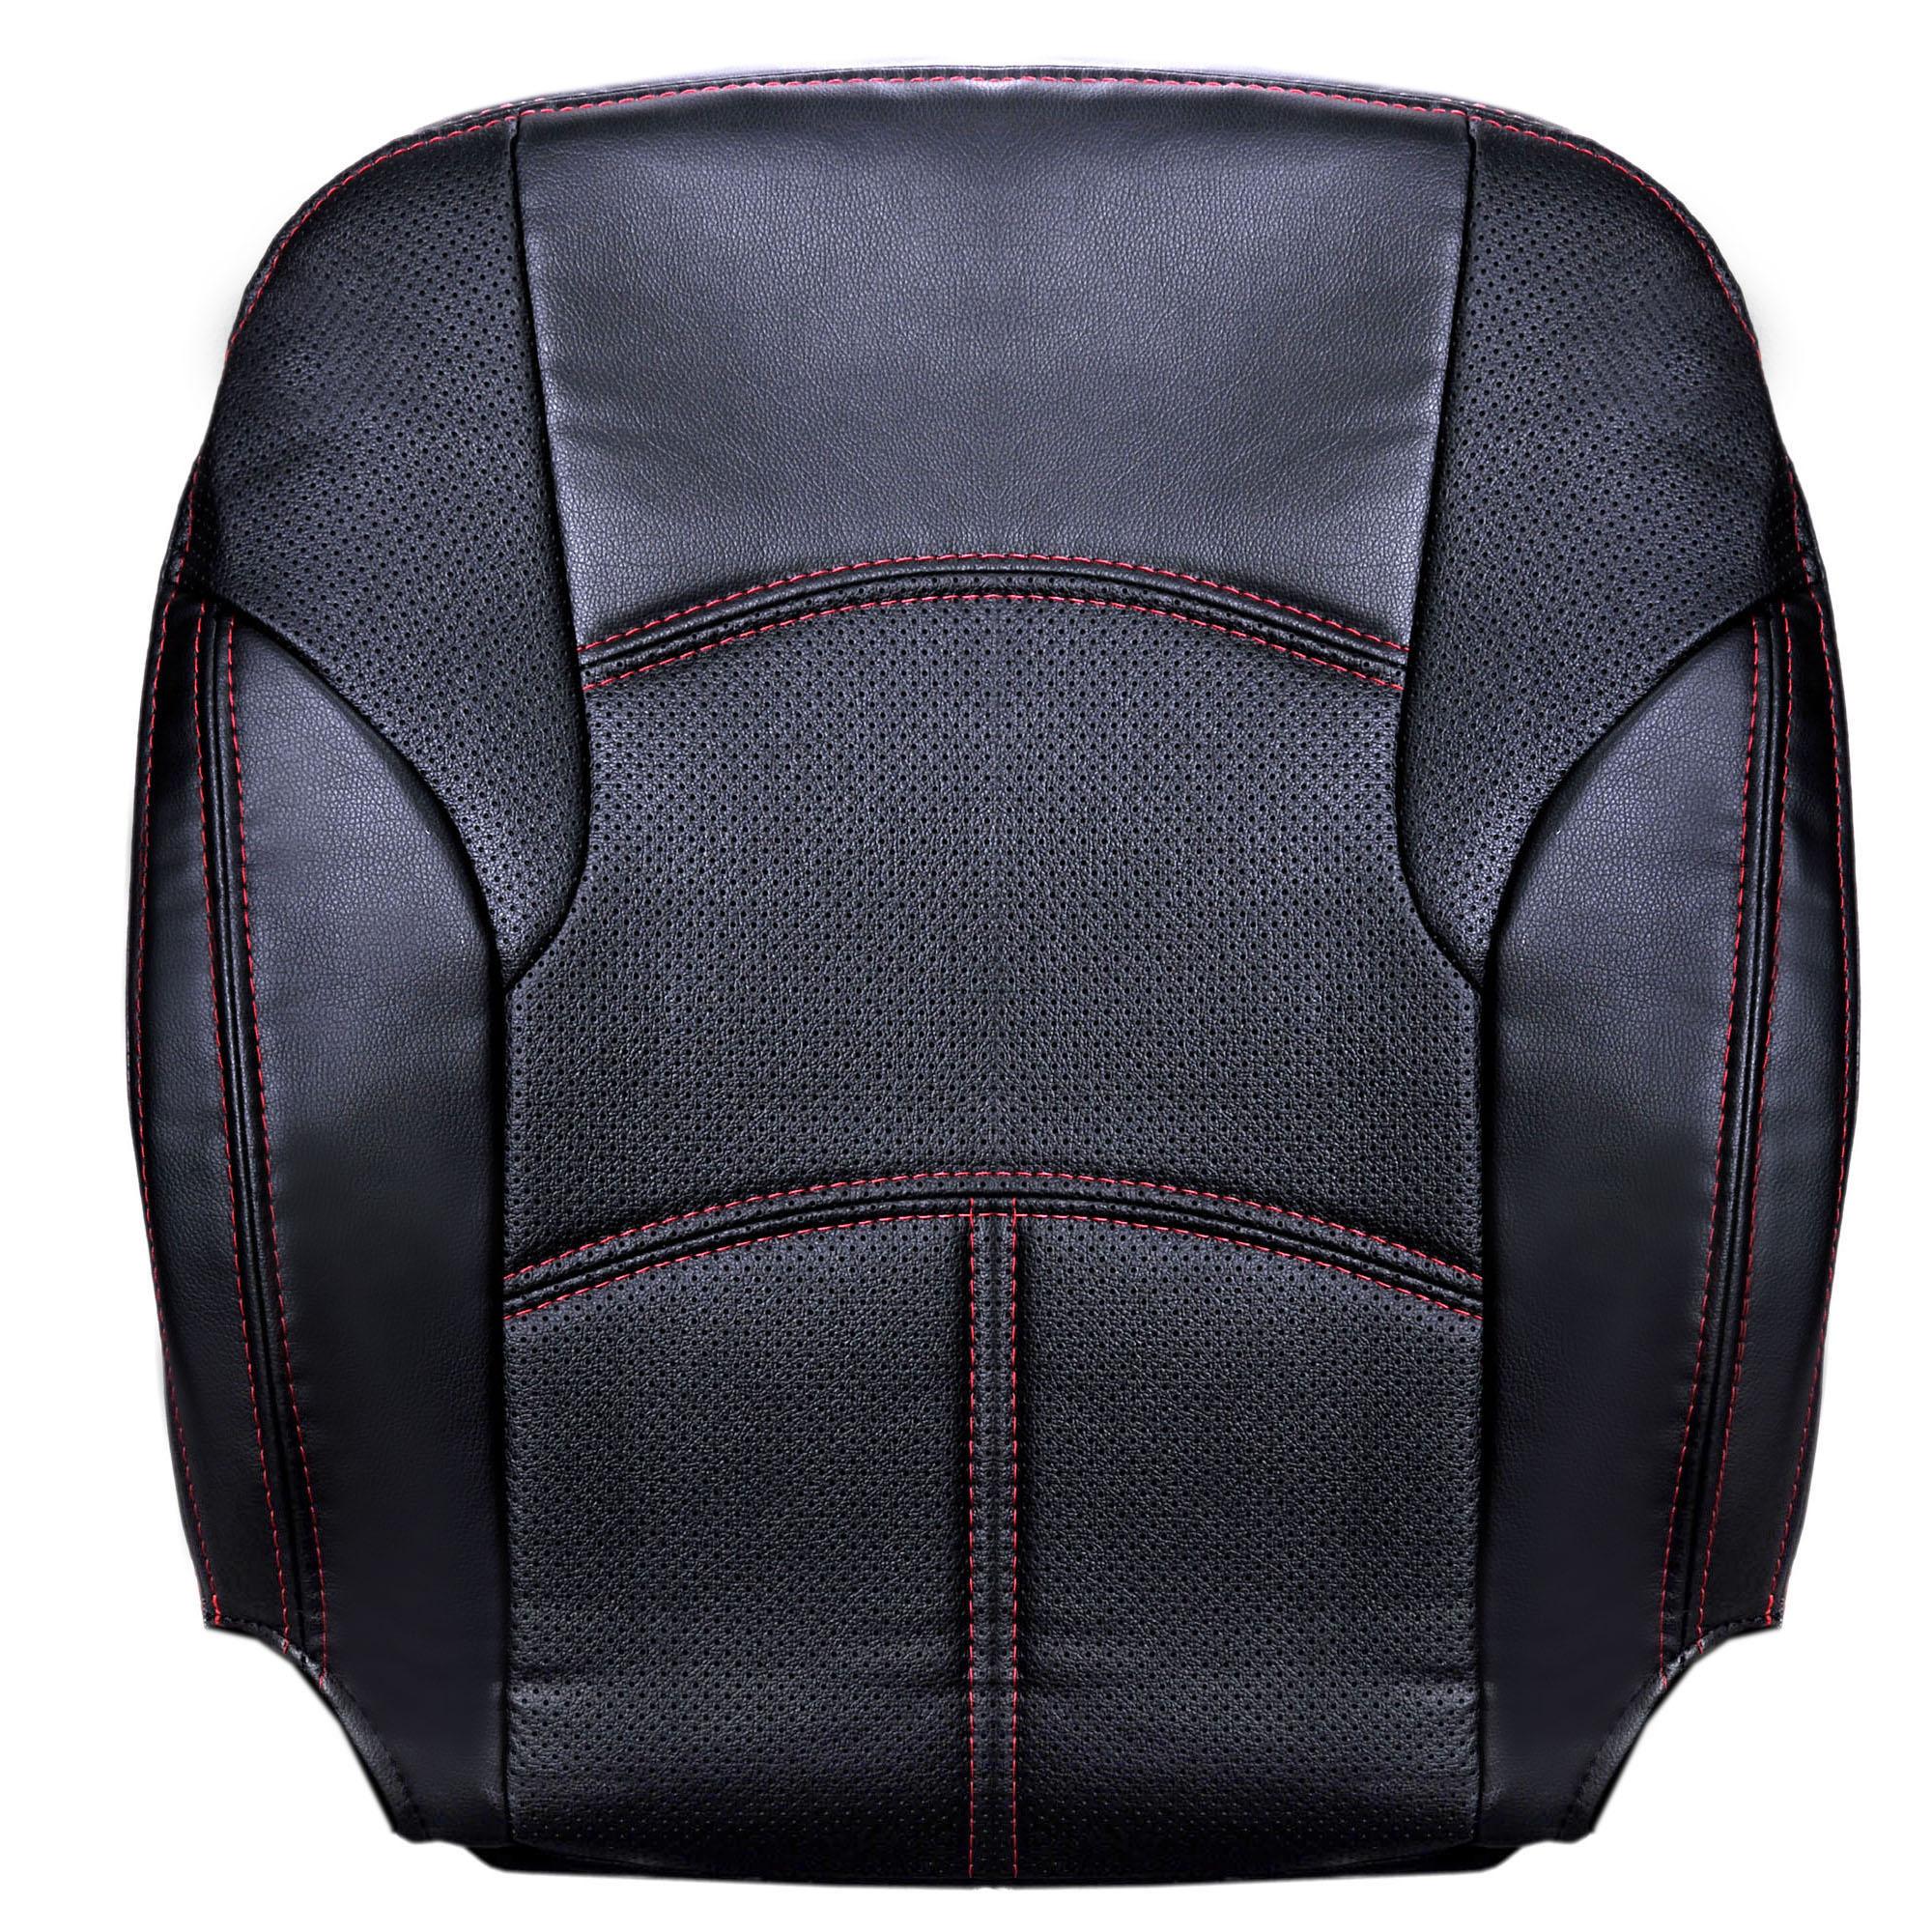 روکش صندلی خودرو کد 1458 مناسب برای پراید 131 و 132